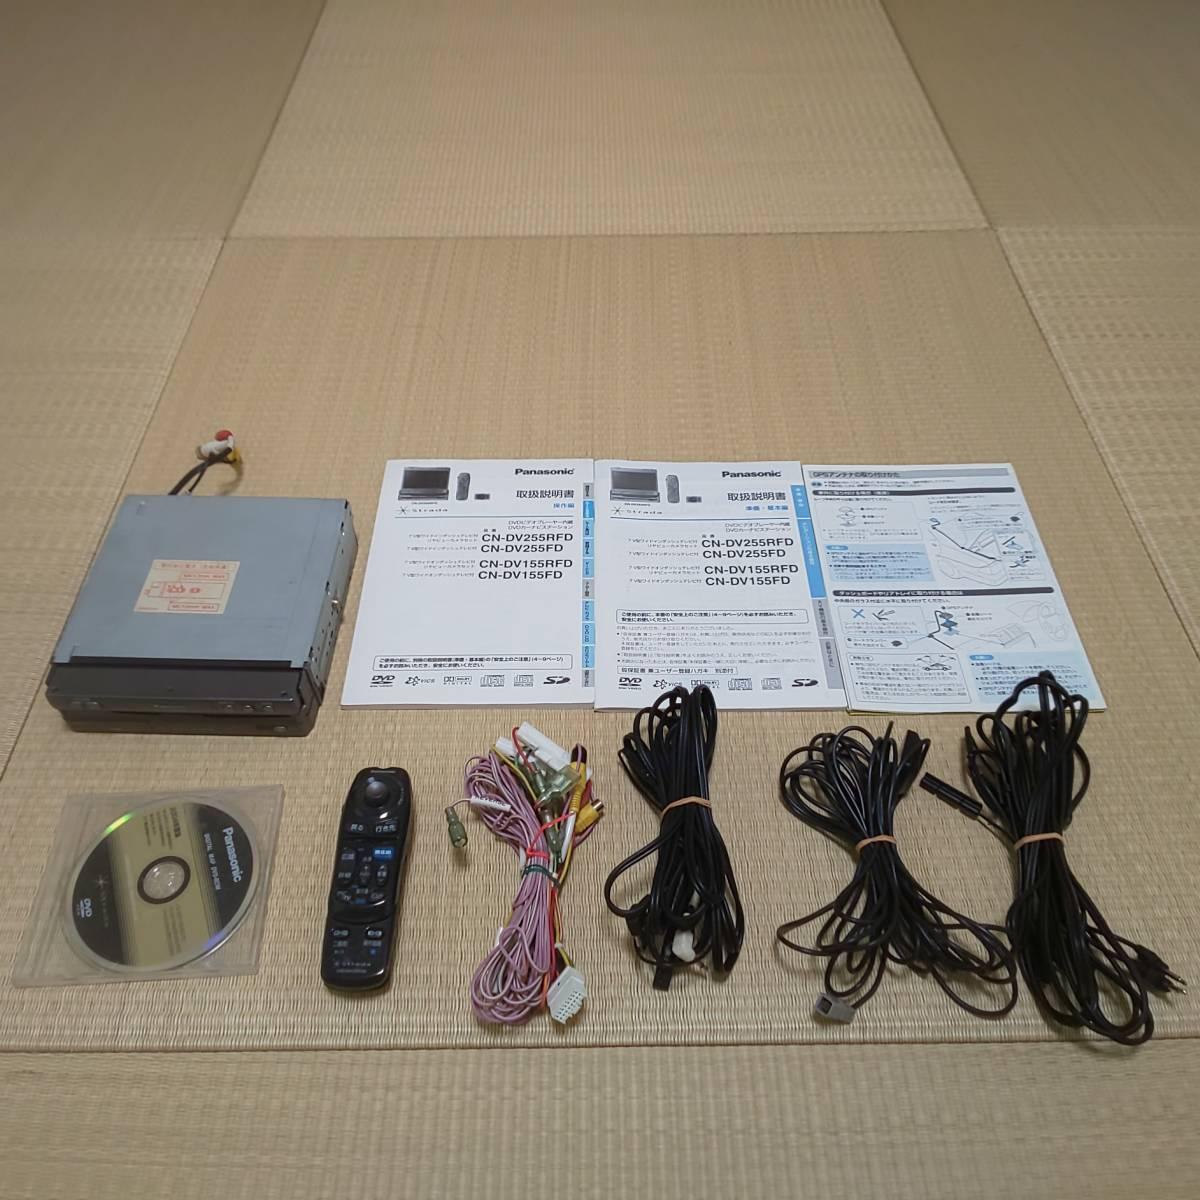 Panasonic strada CN-DV255FD DVDナビ